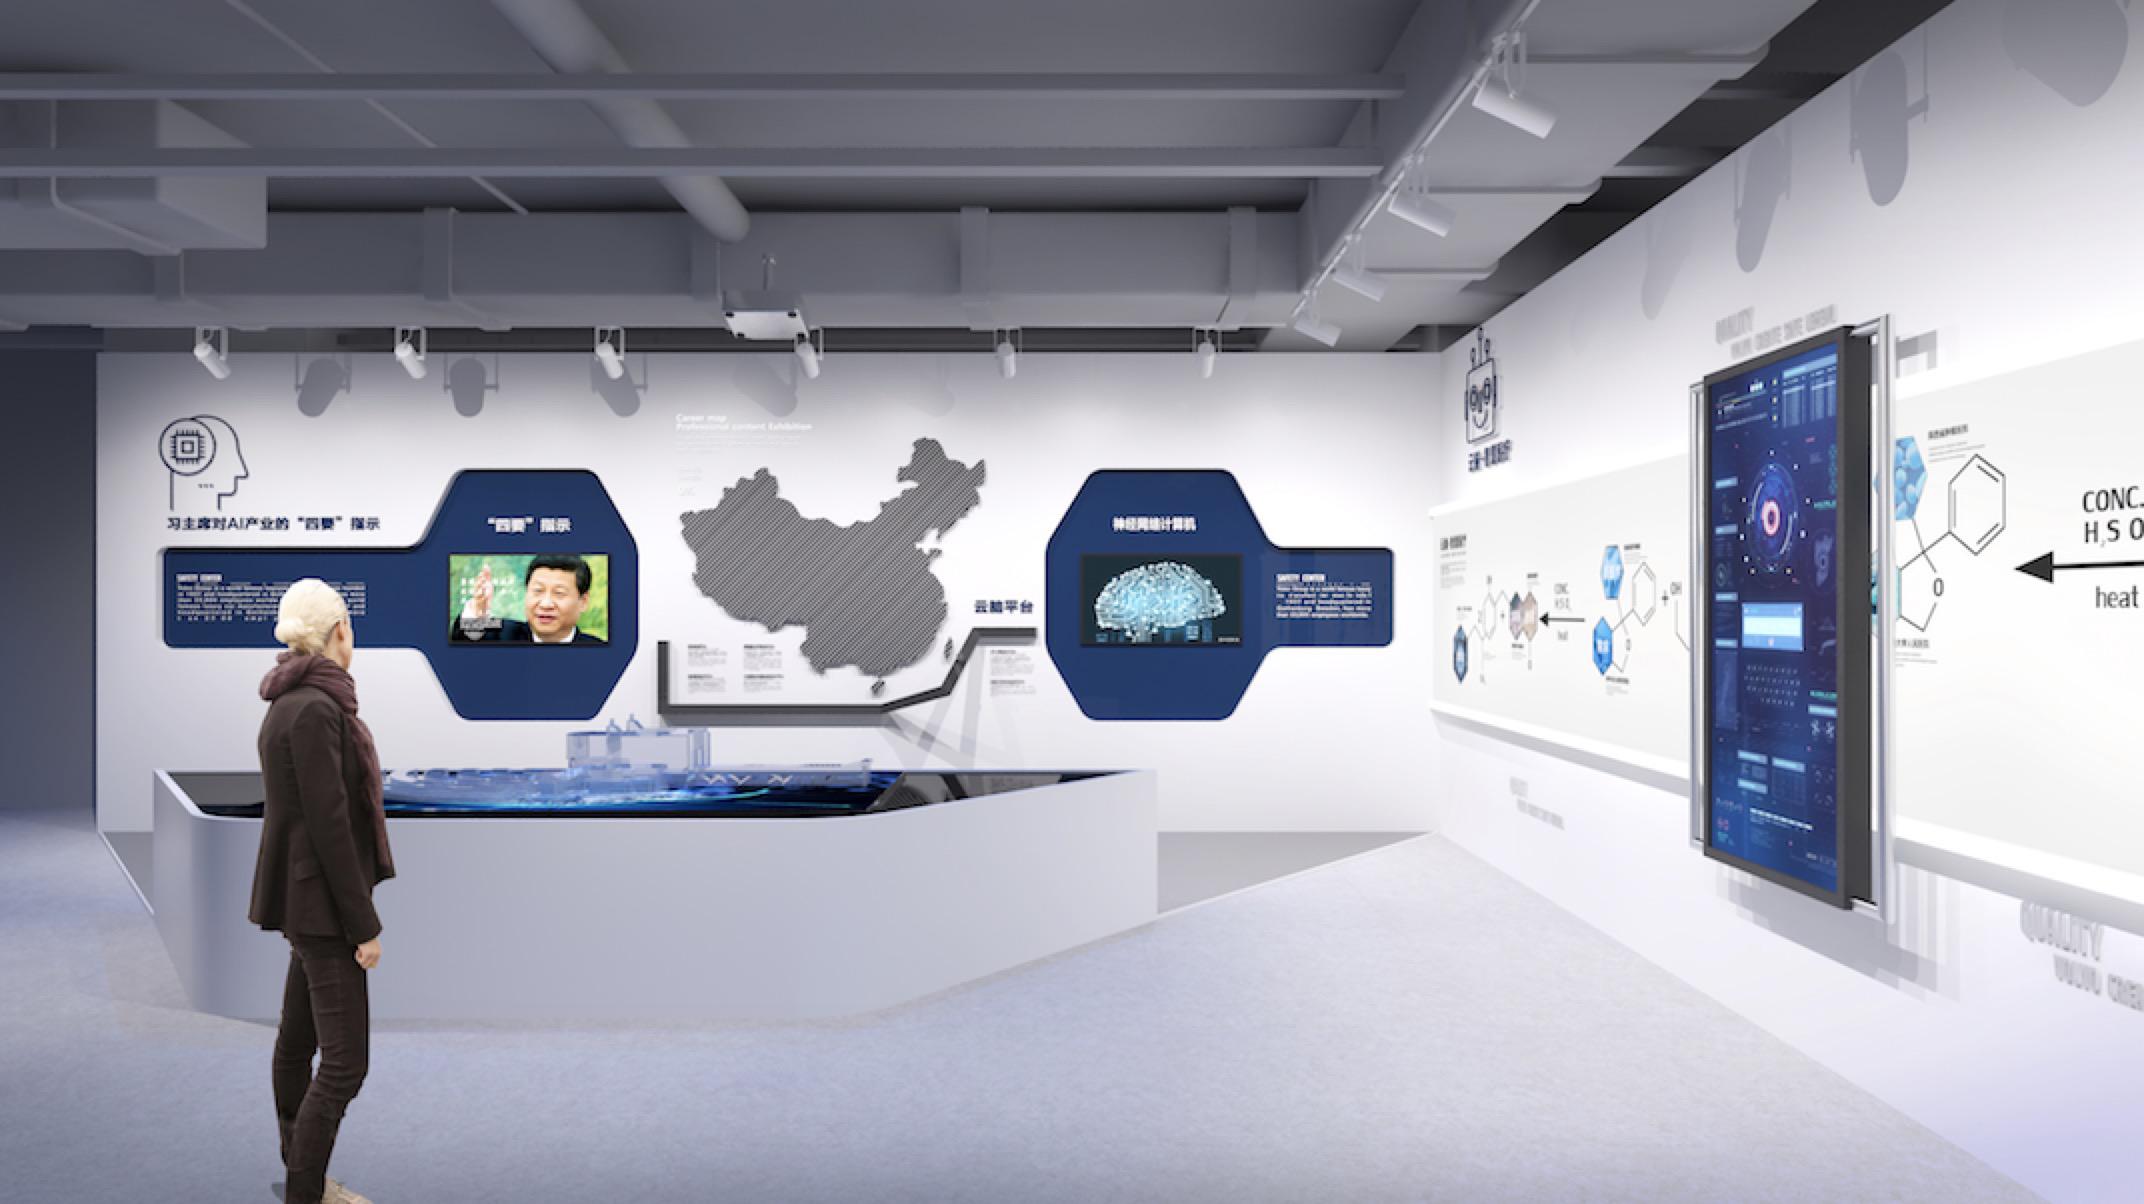 鹏城实验室人工智能研究中心